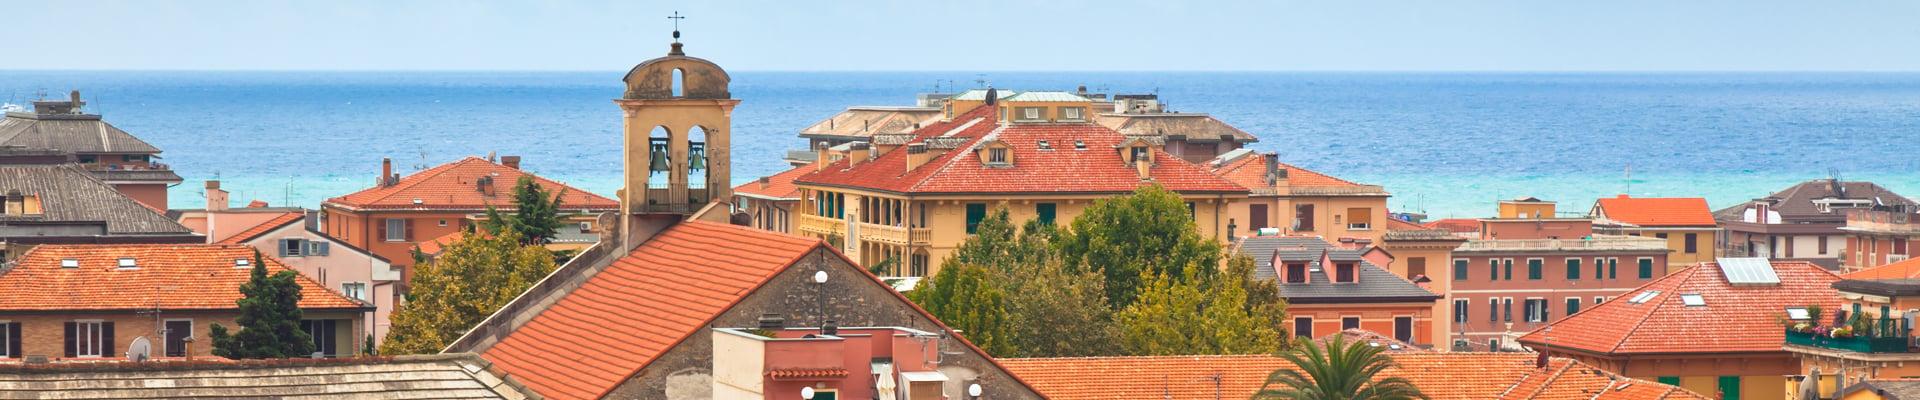 Chiavari in the Liguria Region of Italy